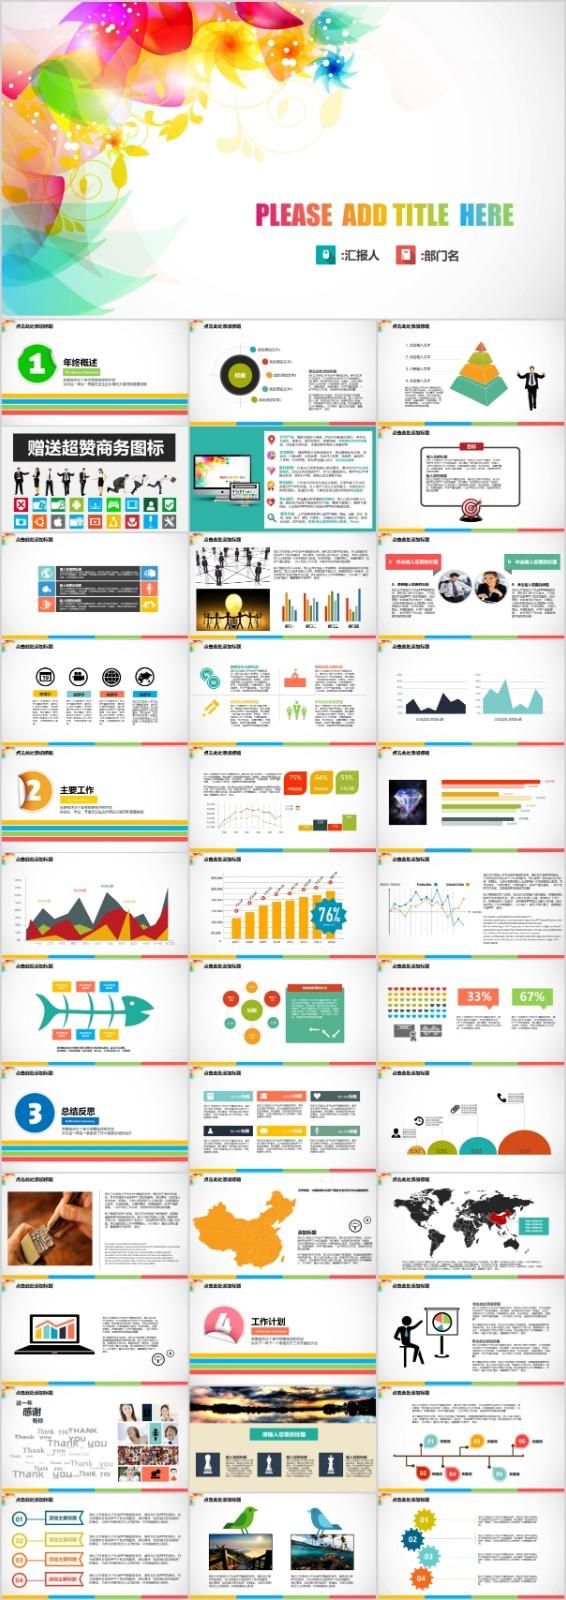 多彩绚丽 汇报 商务总结 PPT模板素材 商务图标